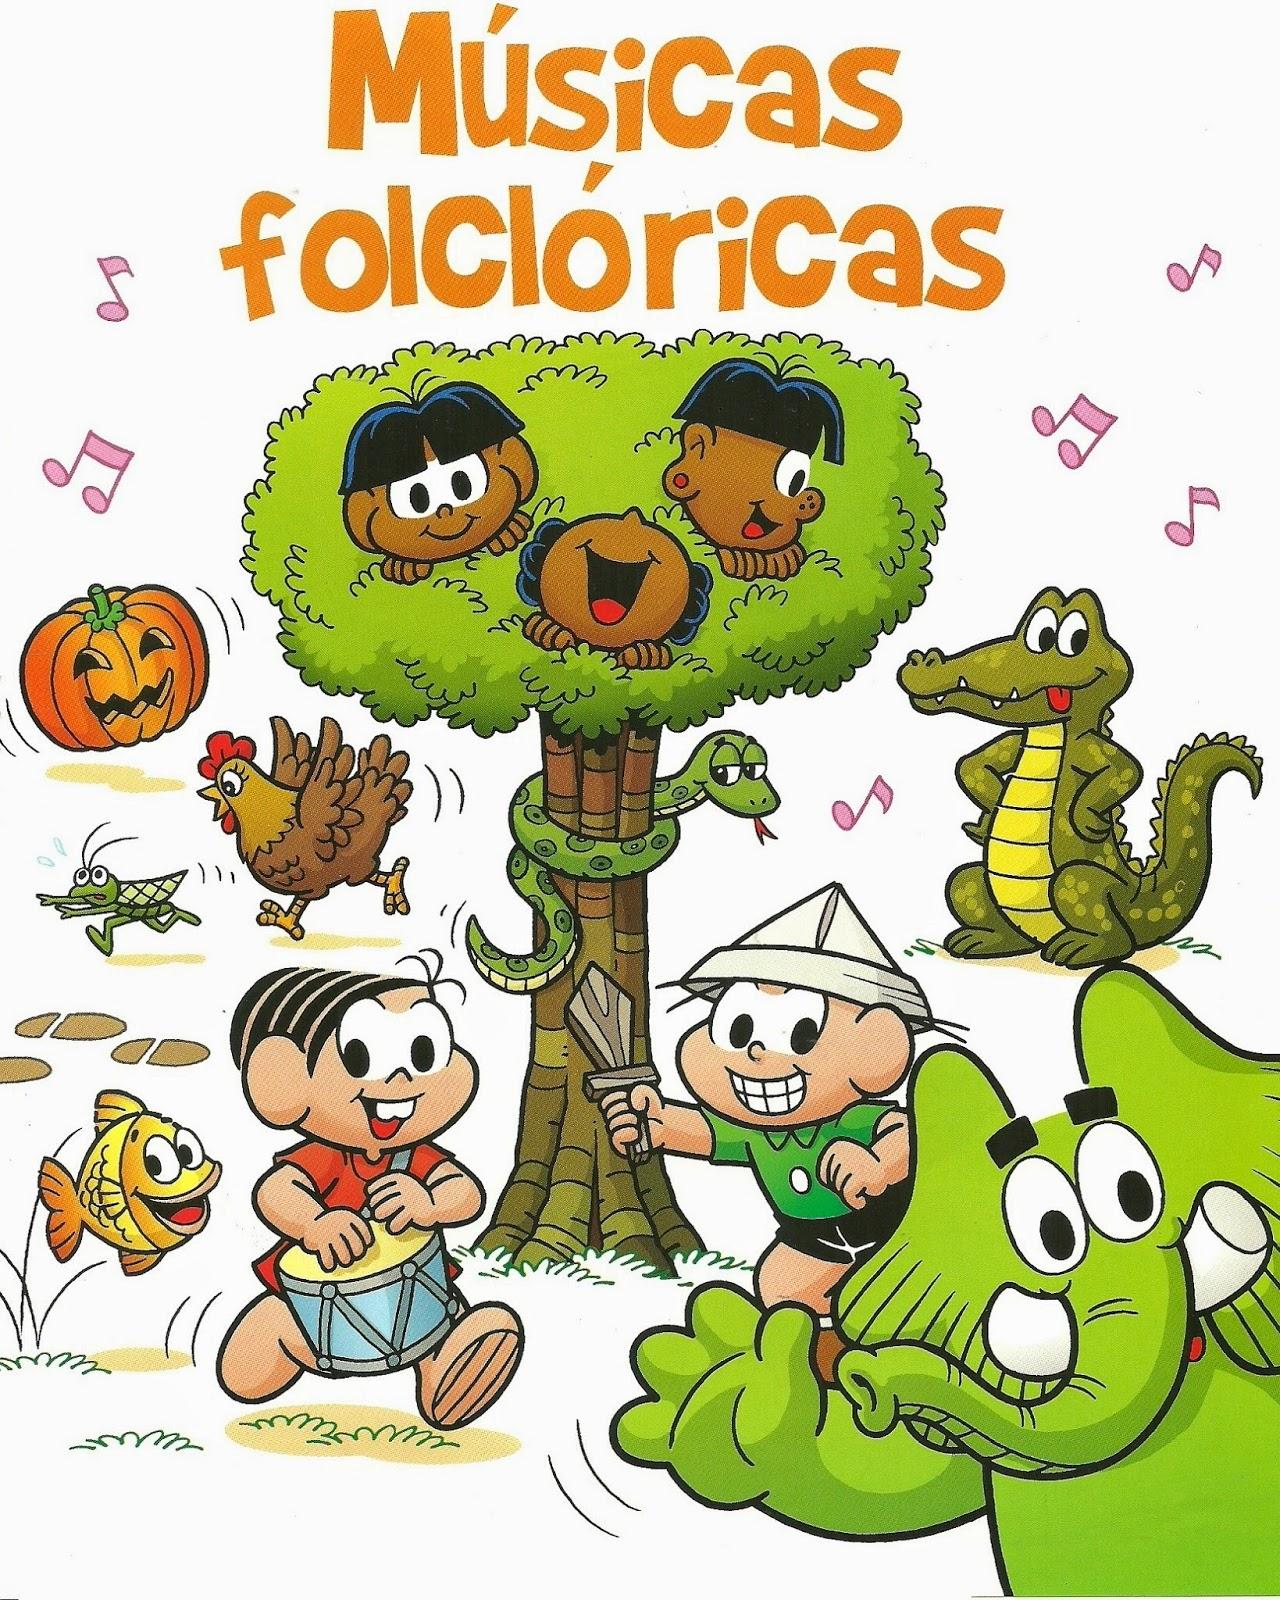 músicas folclóricas